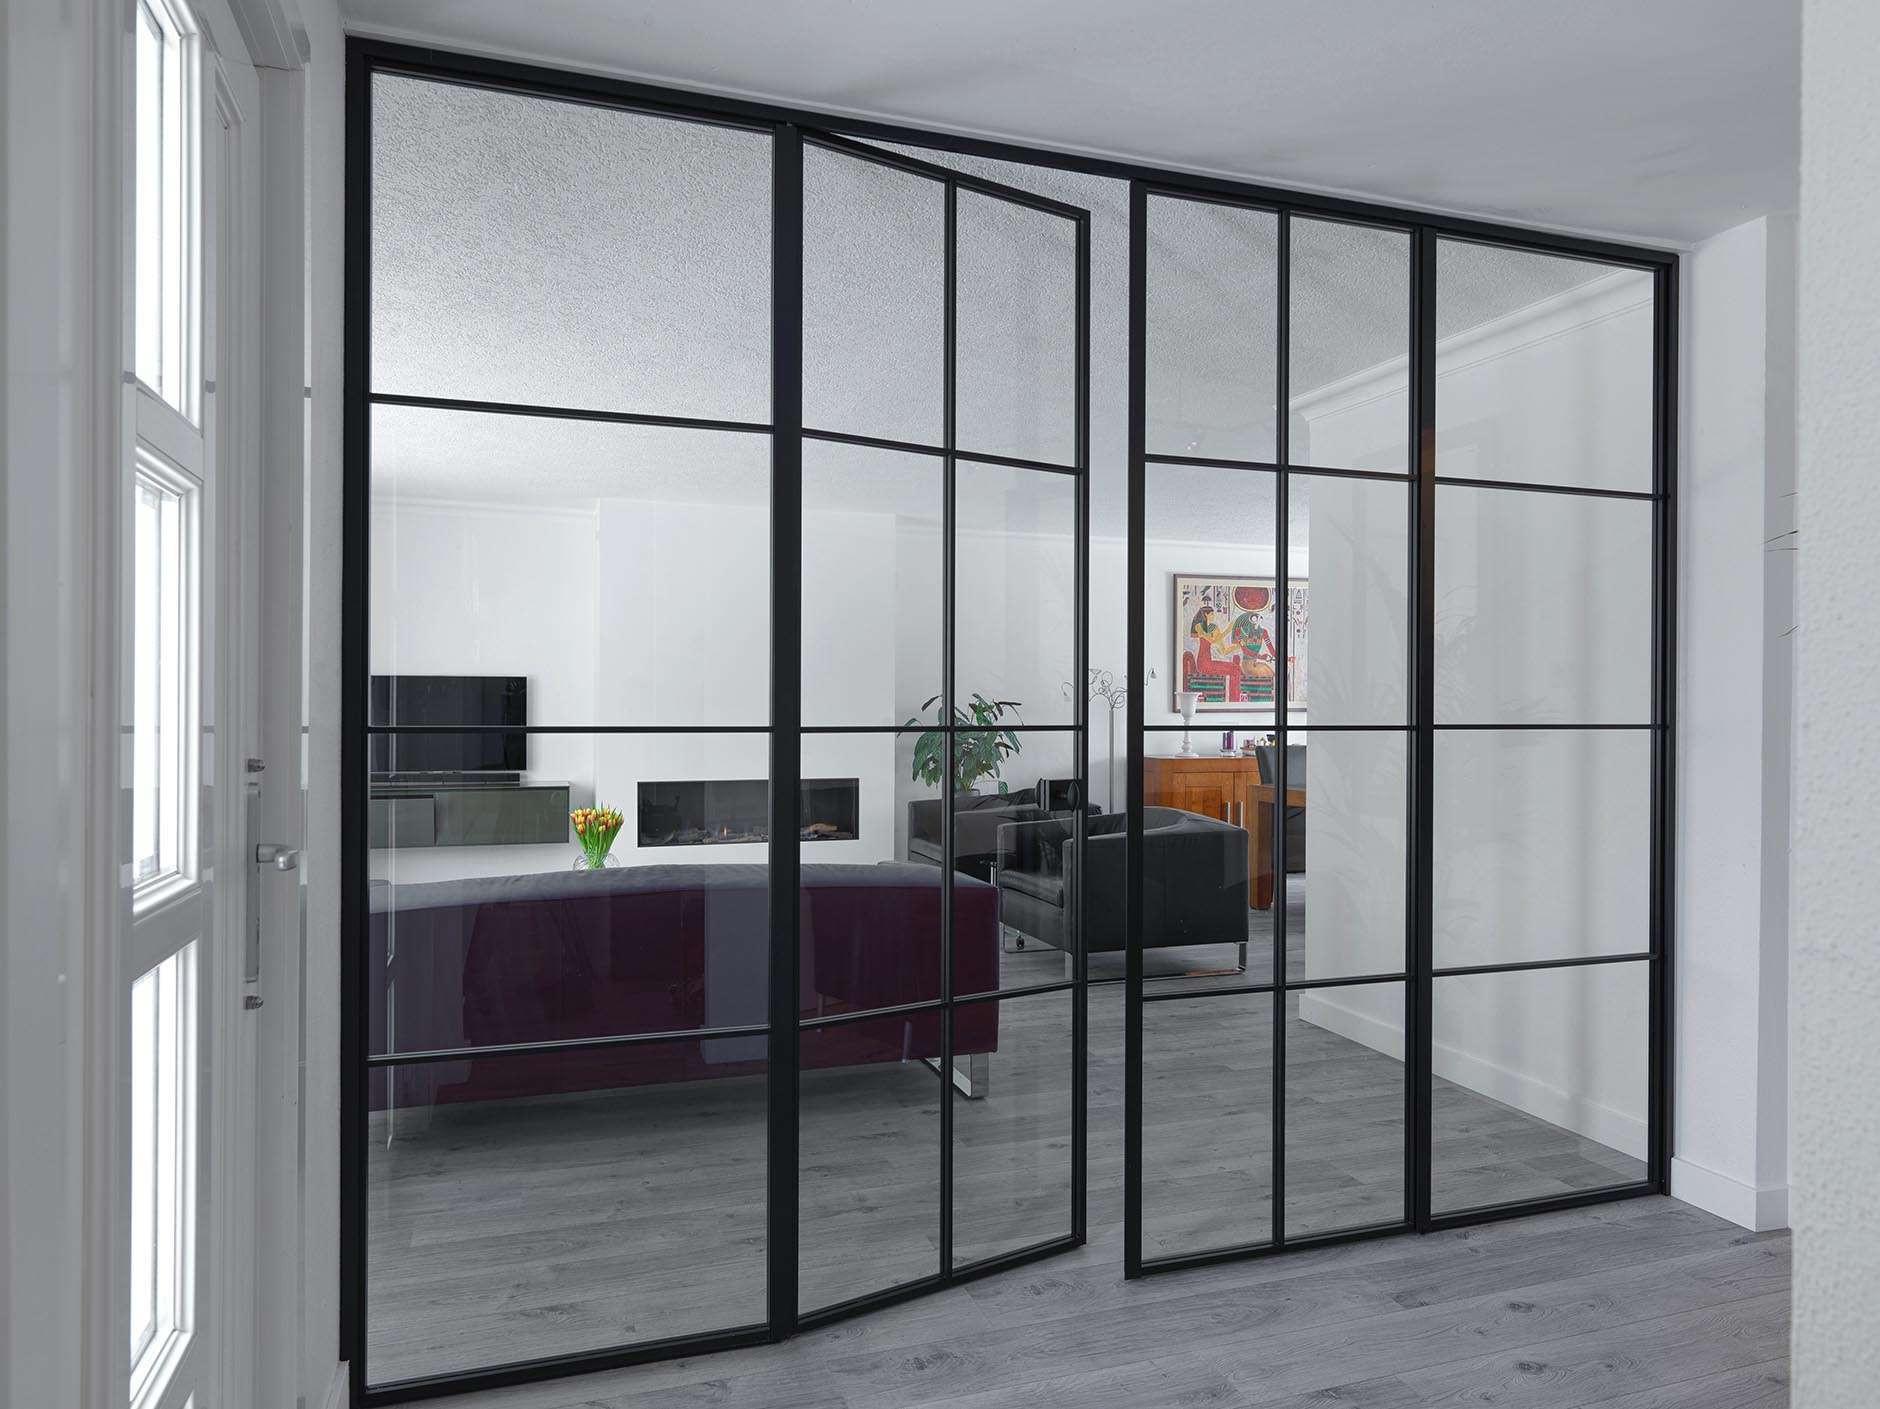 glazen-wand-dubbele-deur-steellook